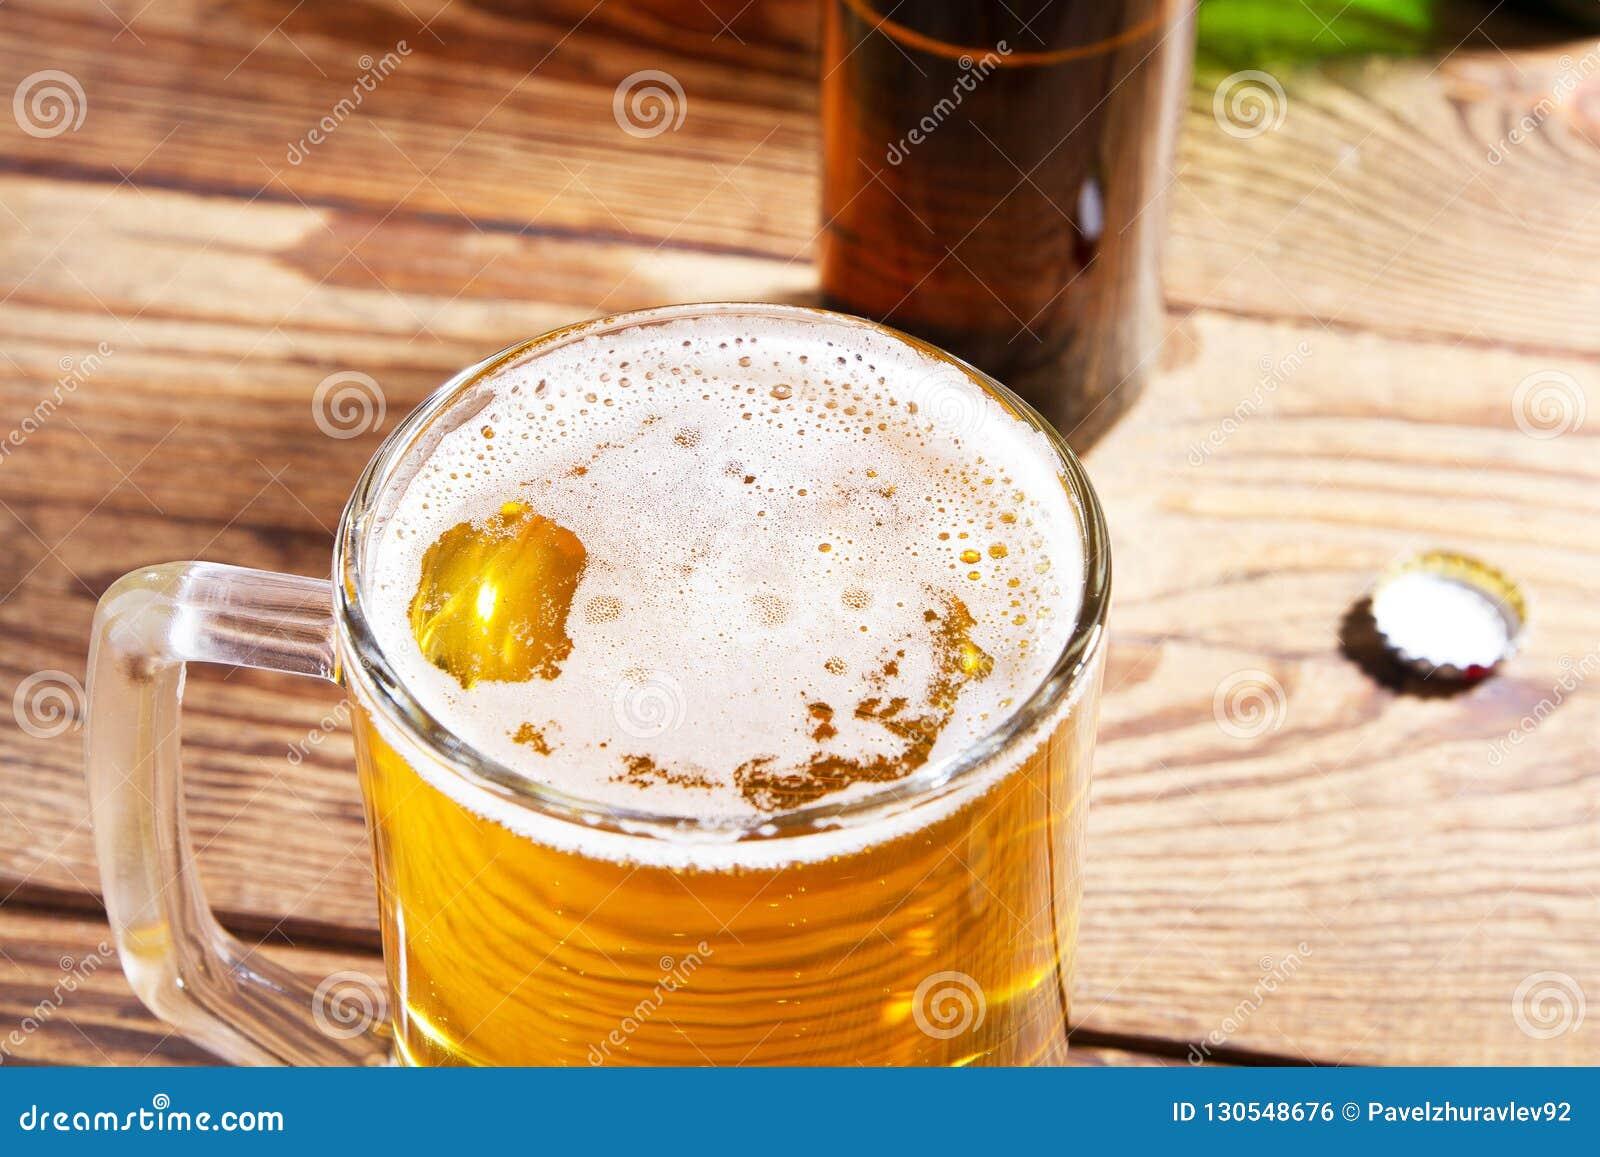 Vidro da cerveja na tabela de madeira, vista superior Frascos de cerveja Foco seletivo Zombaria acima Copie o espaço molde blank